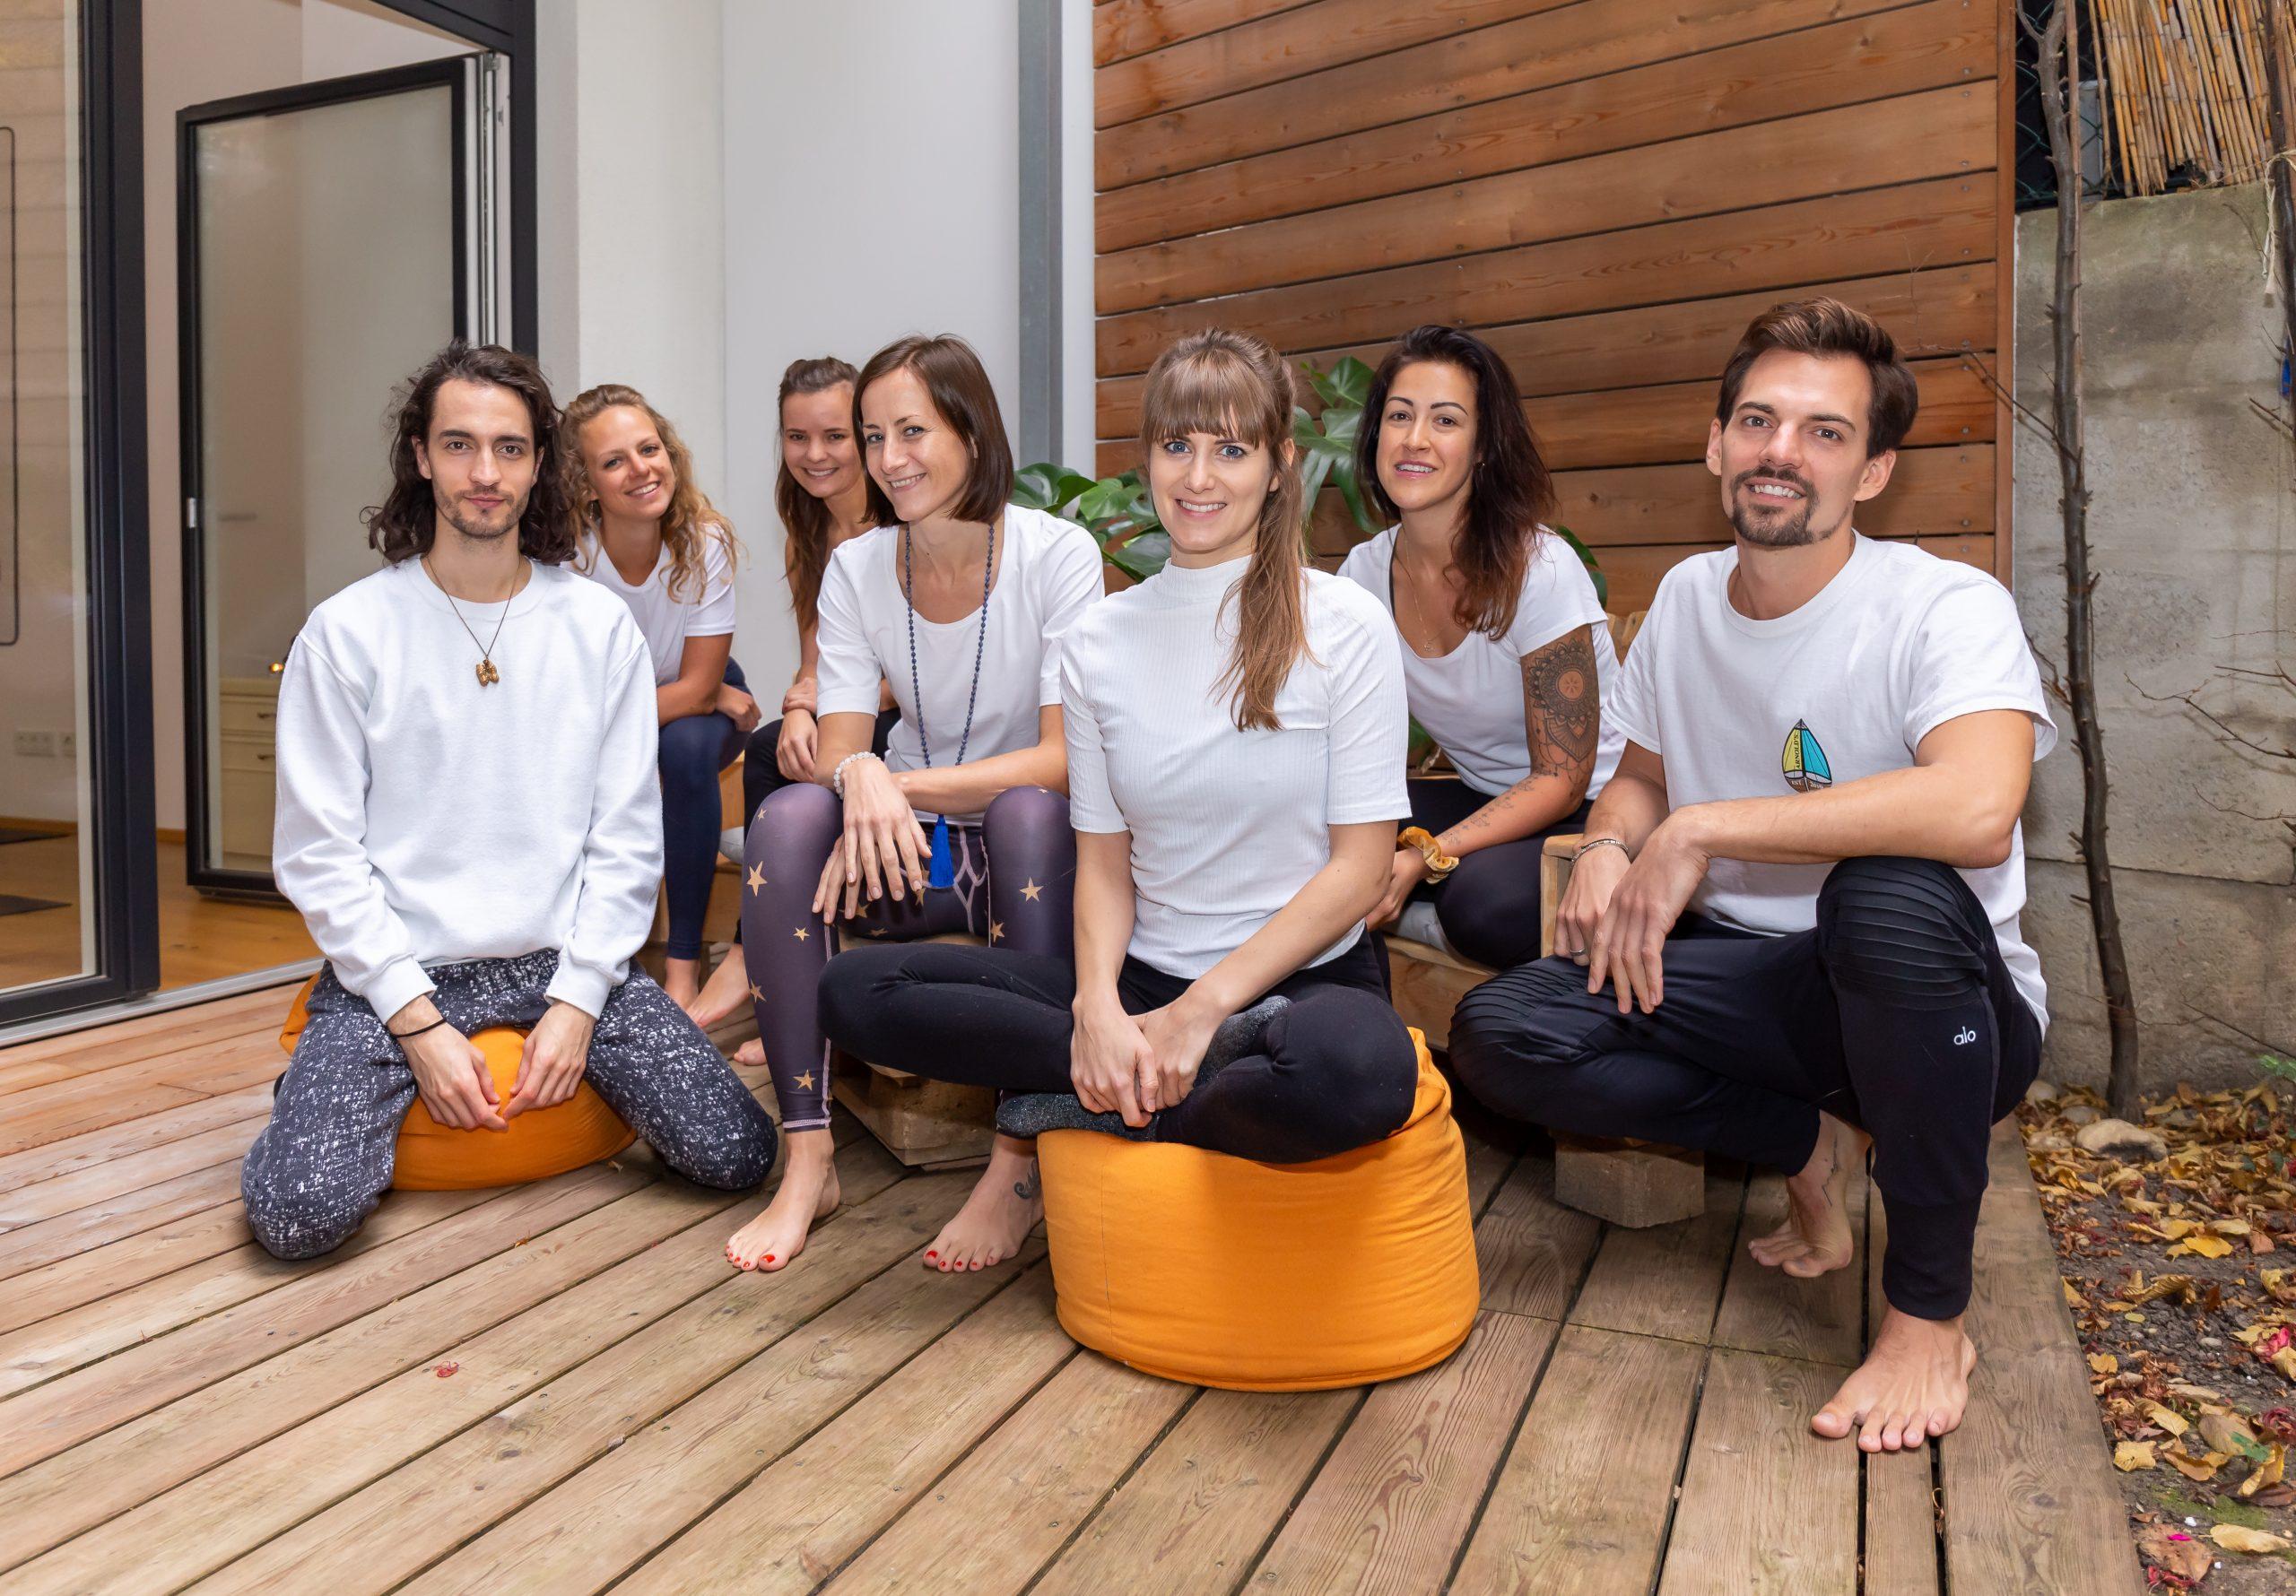 Das Team der Yogaria sitzt auf Sitzkissen auf der Terrasse im Yogastudio, alle Blicken Richtung Kamera und lächeln, man sieht insgesamt 7 Personen.